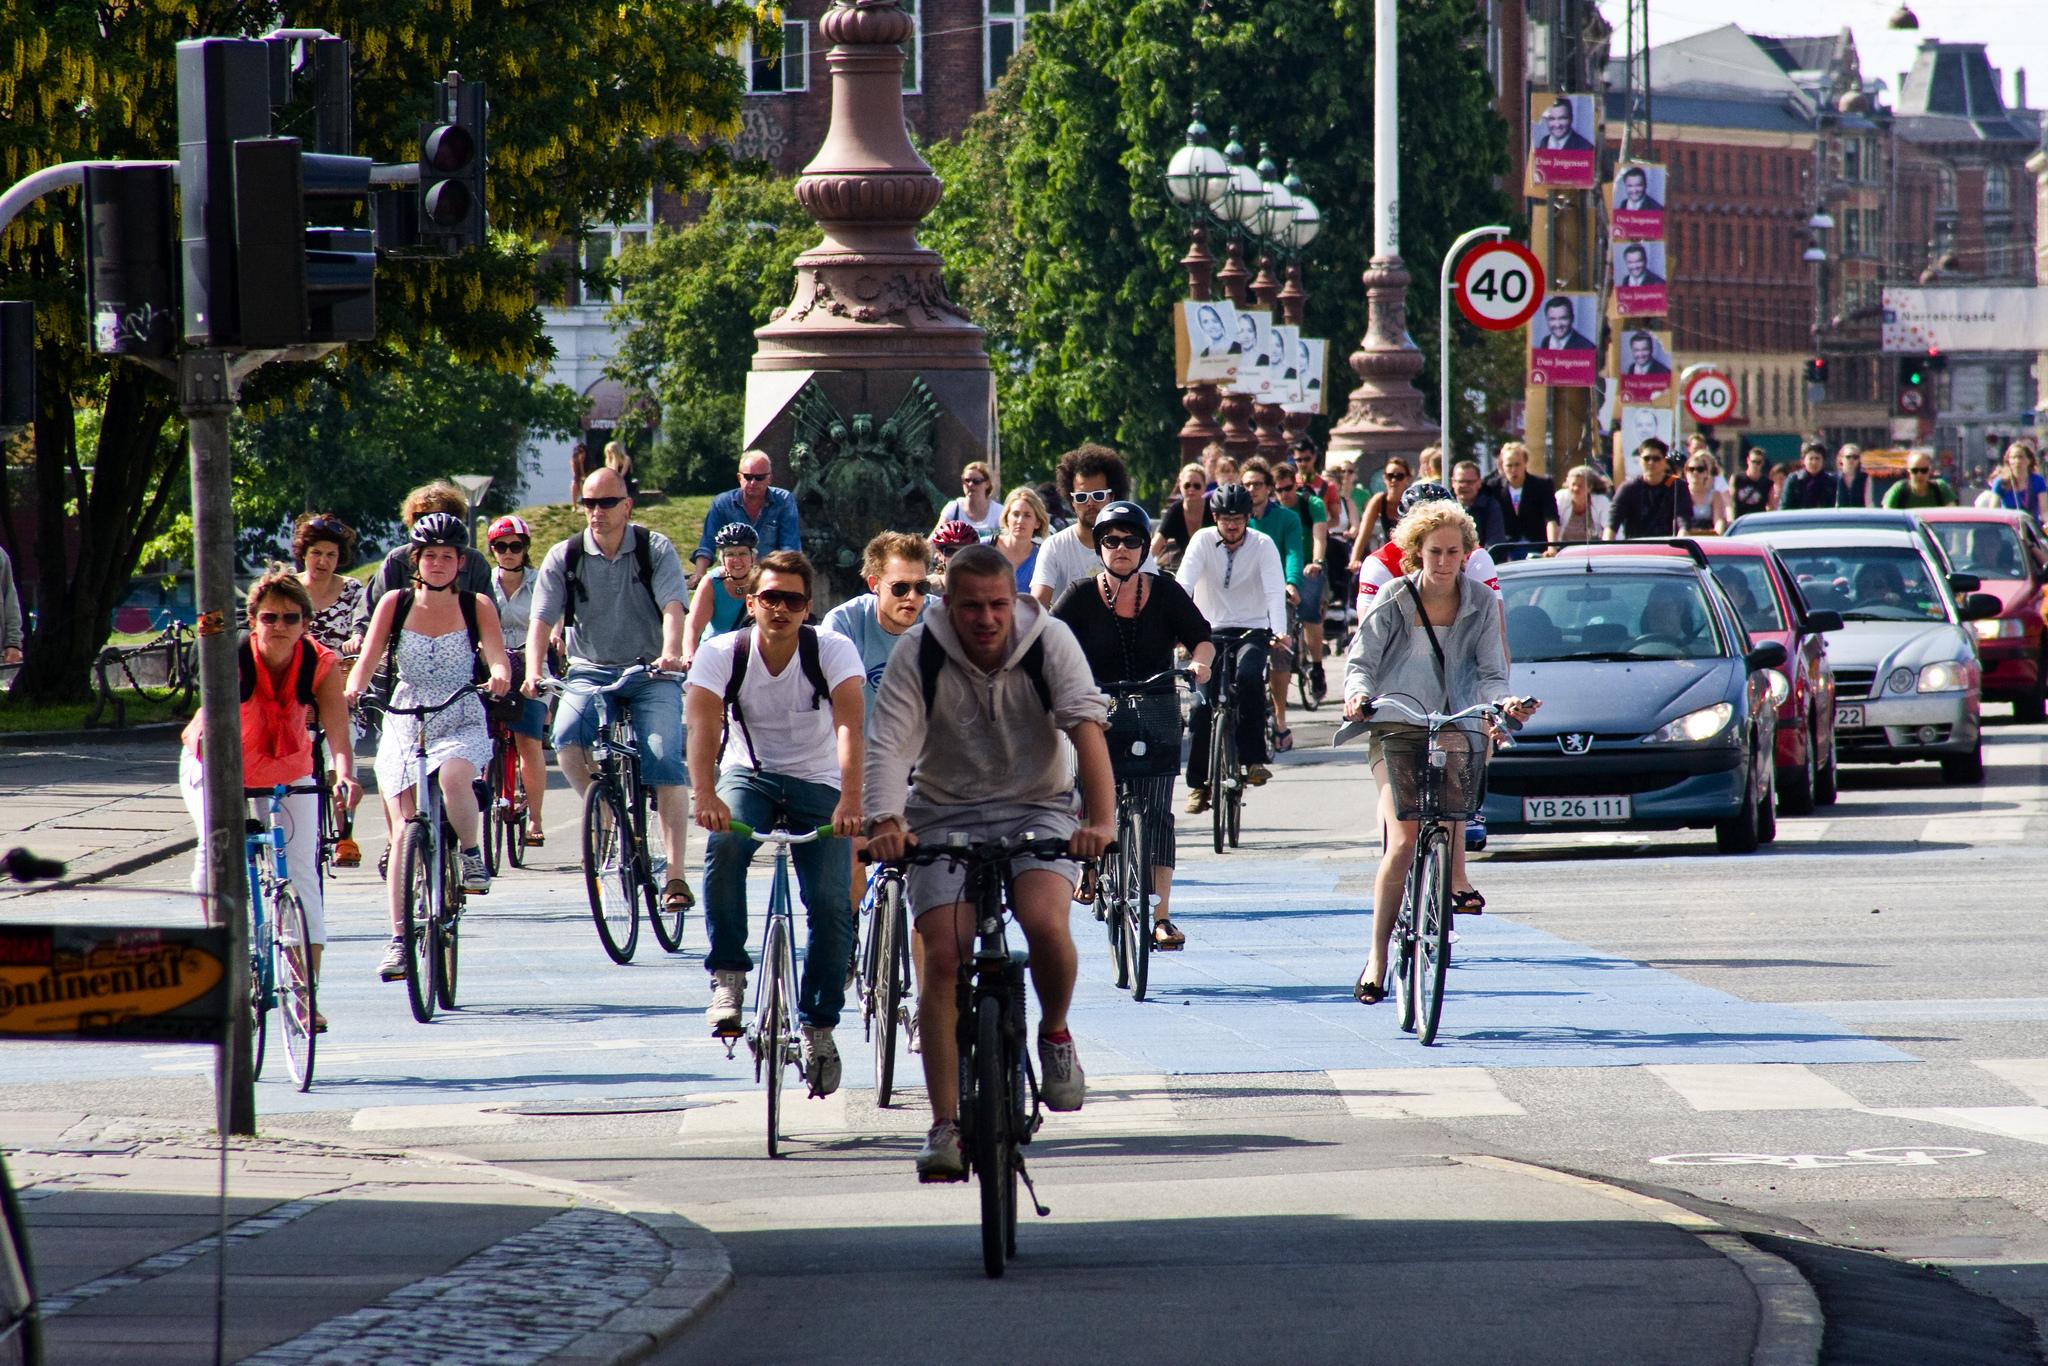 Copenhagen-Cyclists-Credit-Copenhagen-Cycle-Chic